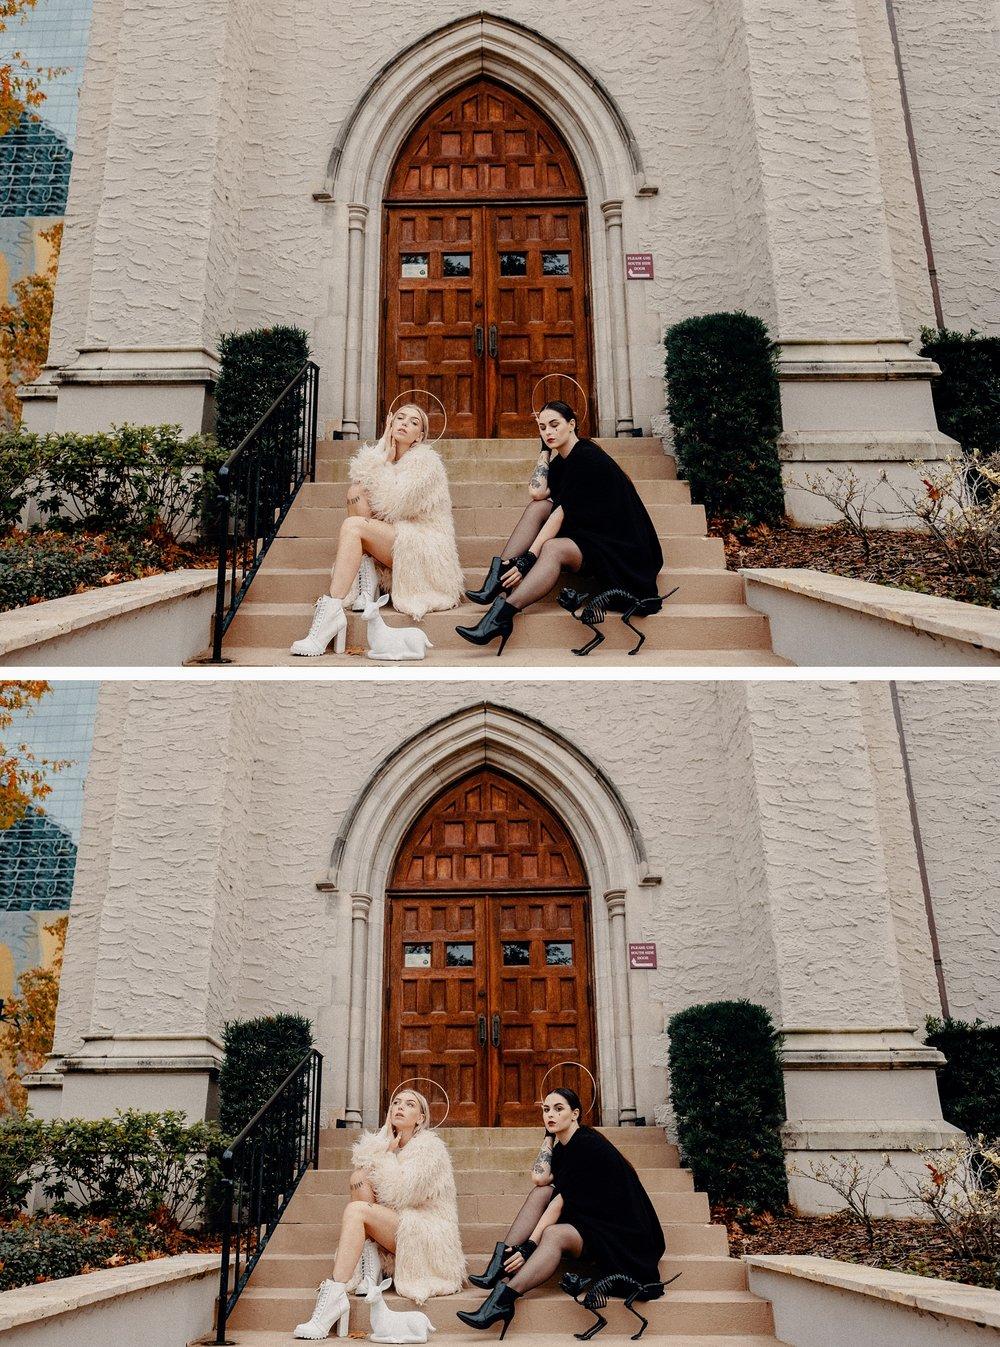 Lauren-And-Emma_0054.jpg